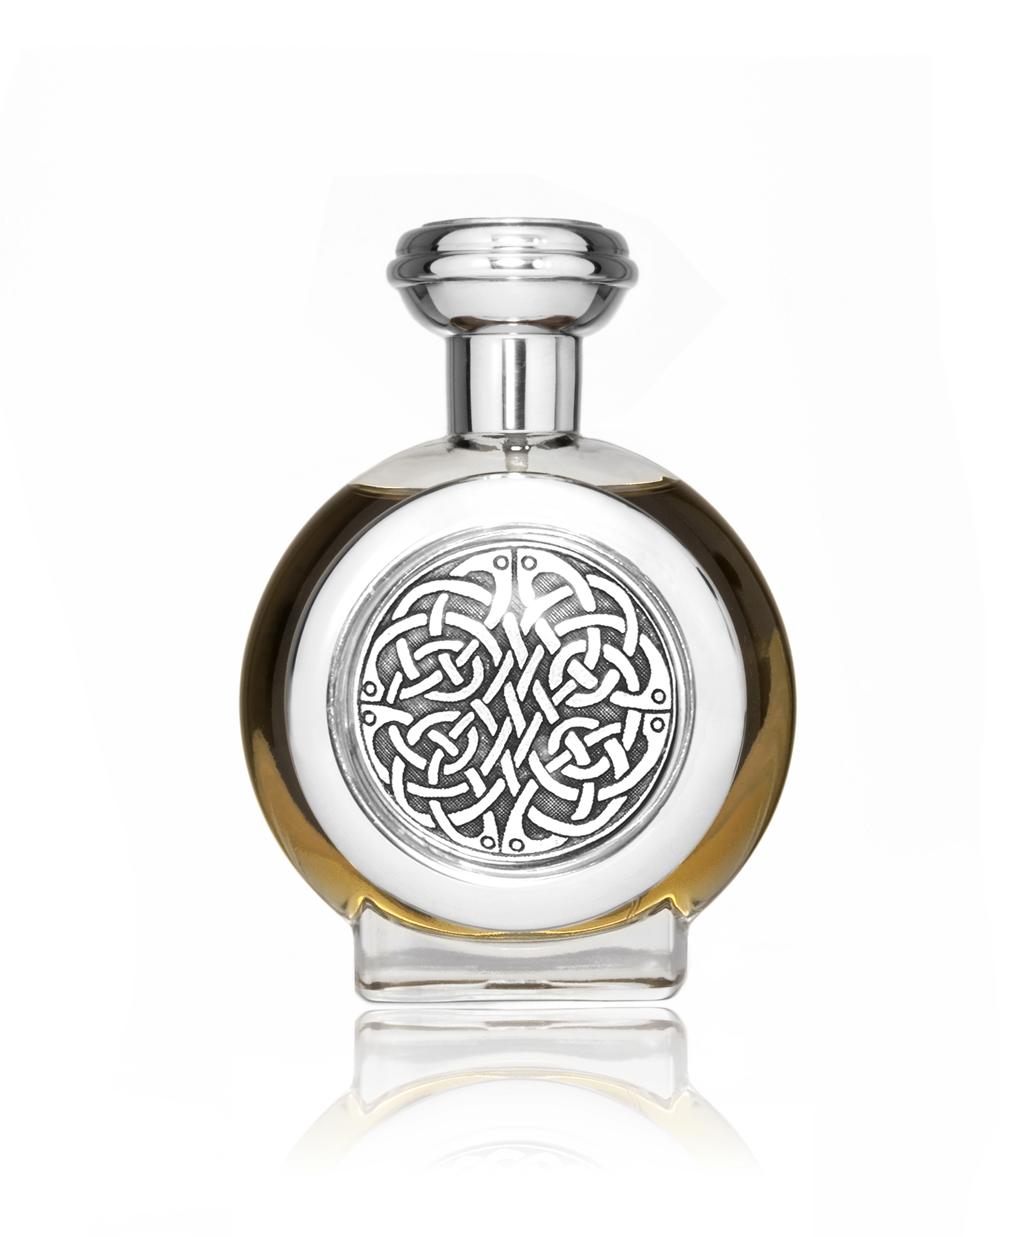 Boadicea the Victorious - Ardent - Eau de Parfum 50 ml